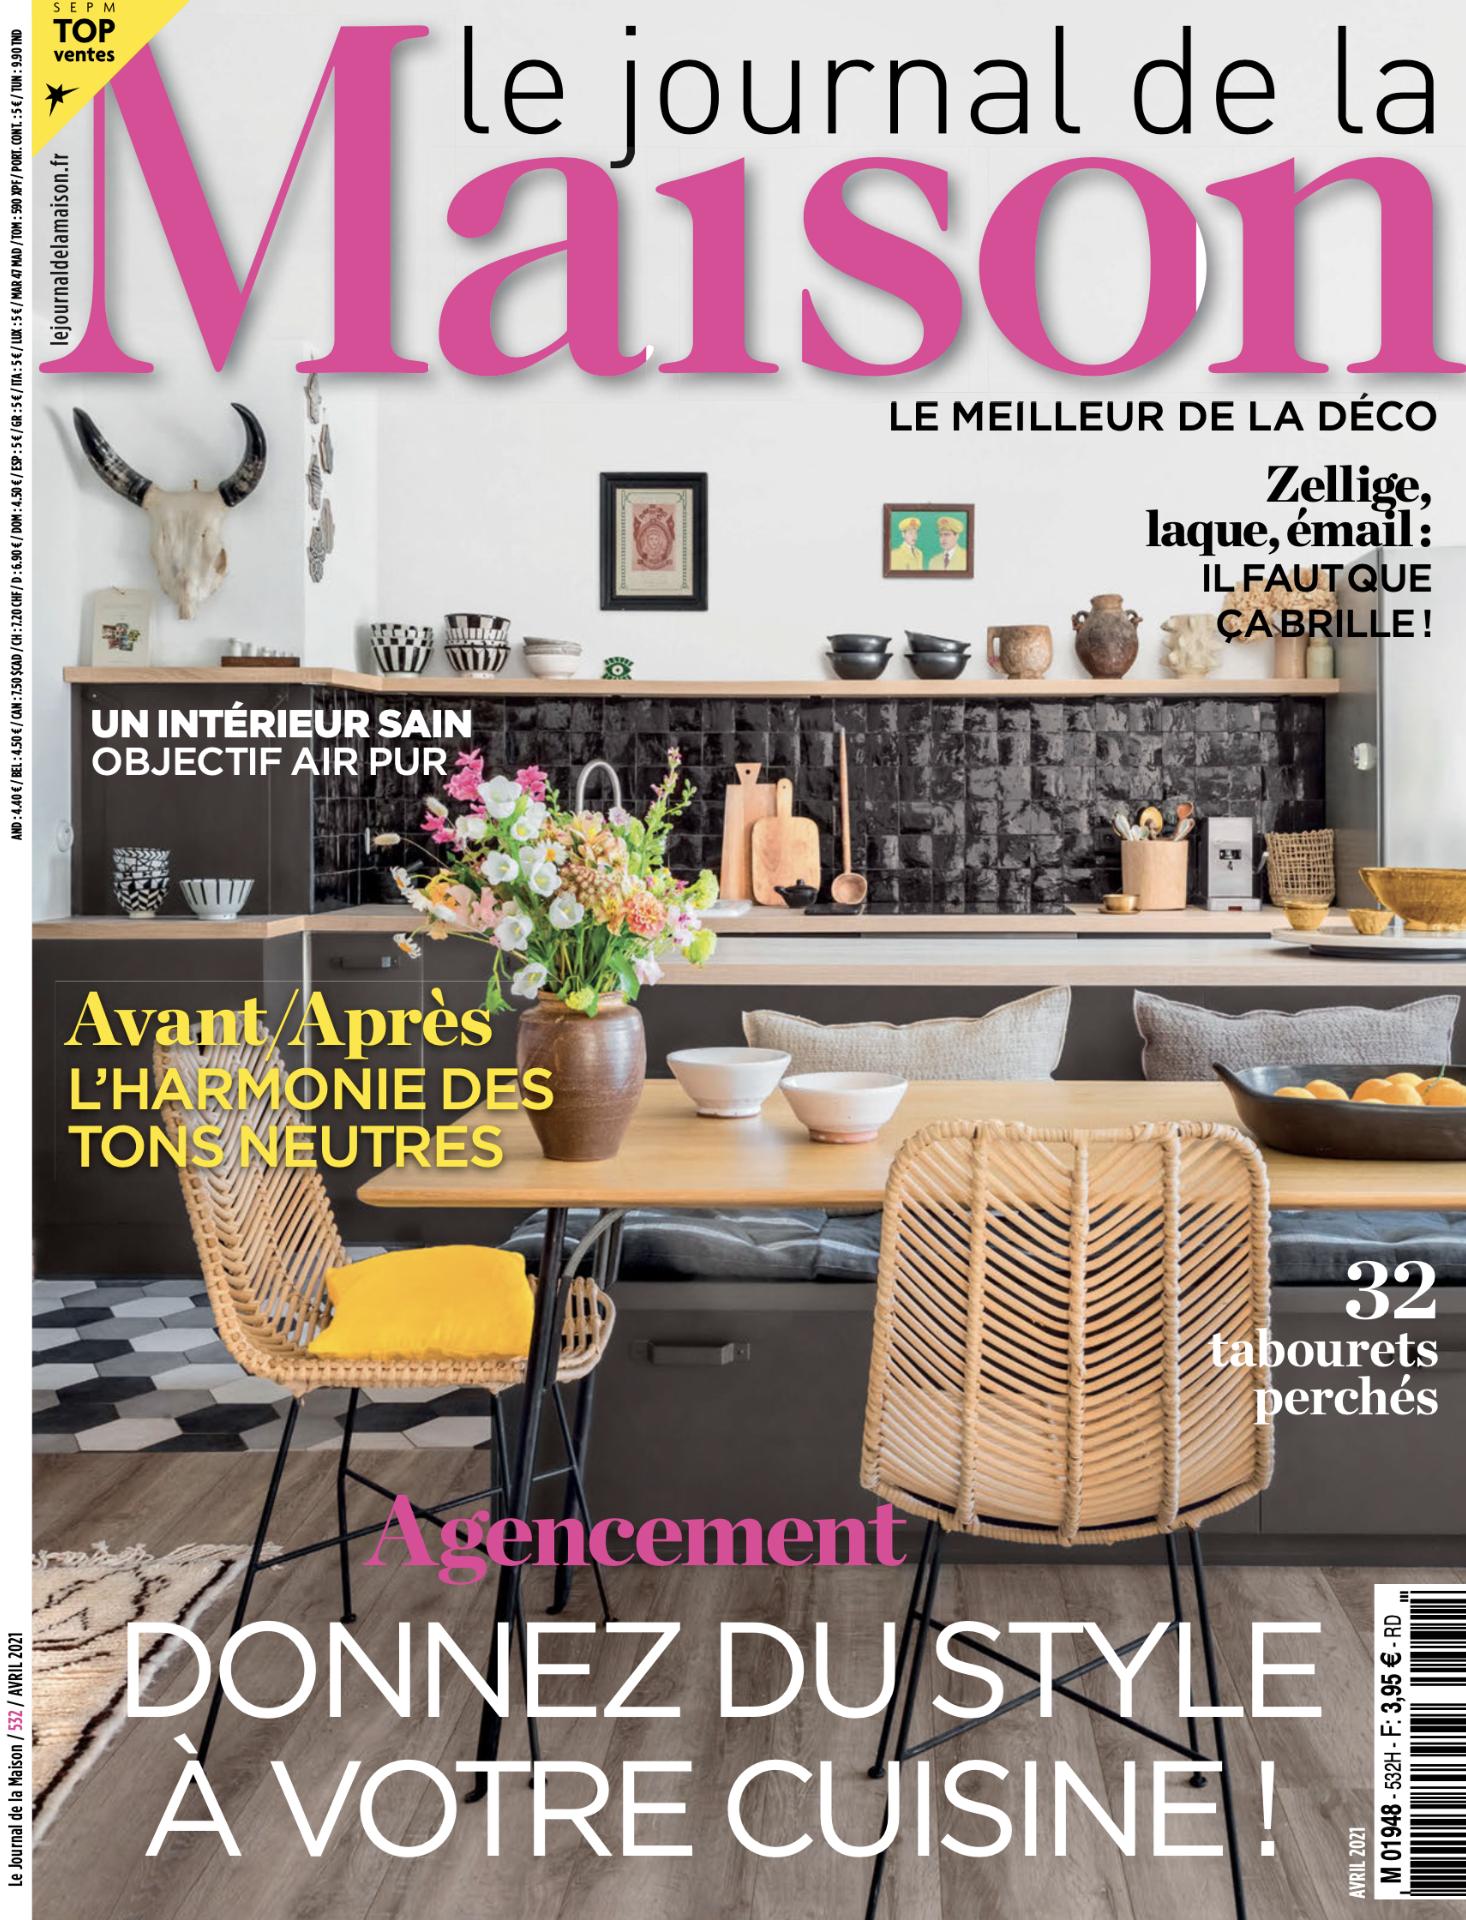 LE JOURNAL DE LA MAISON 1